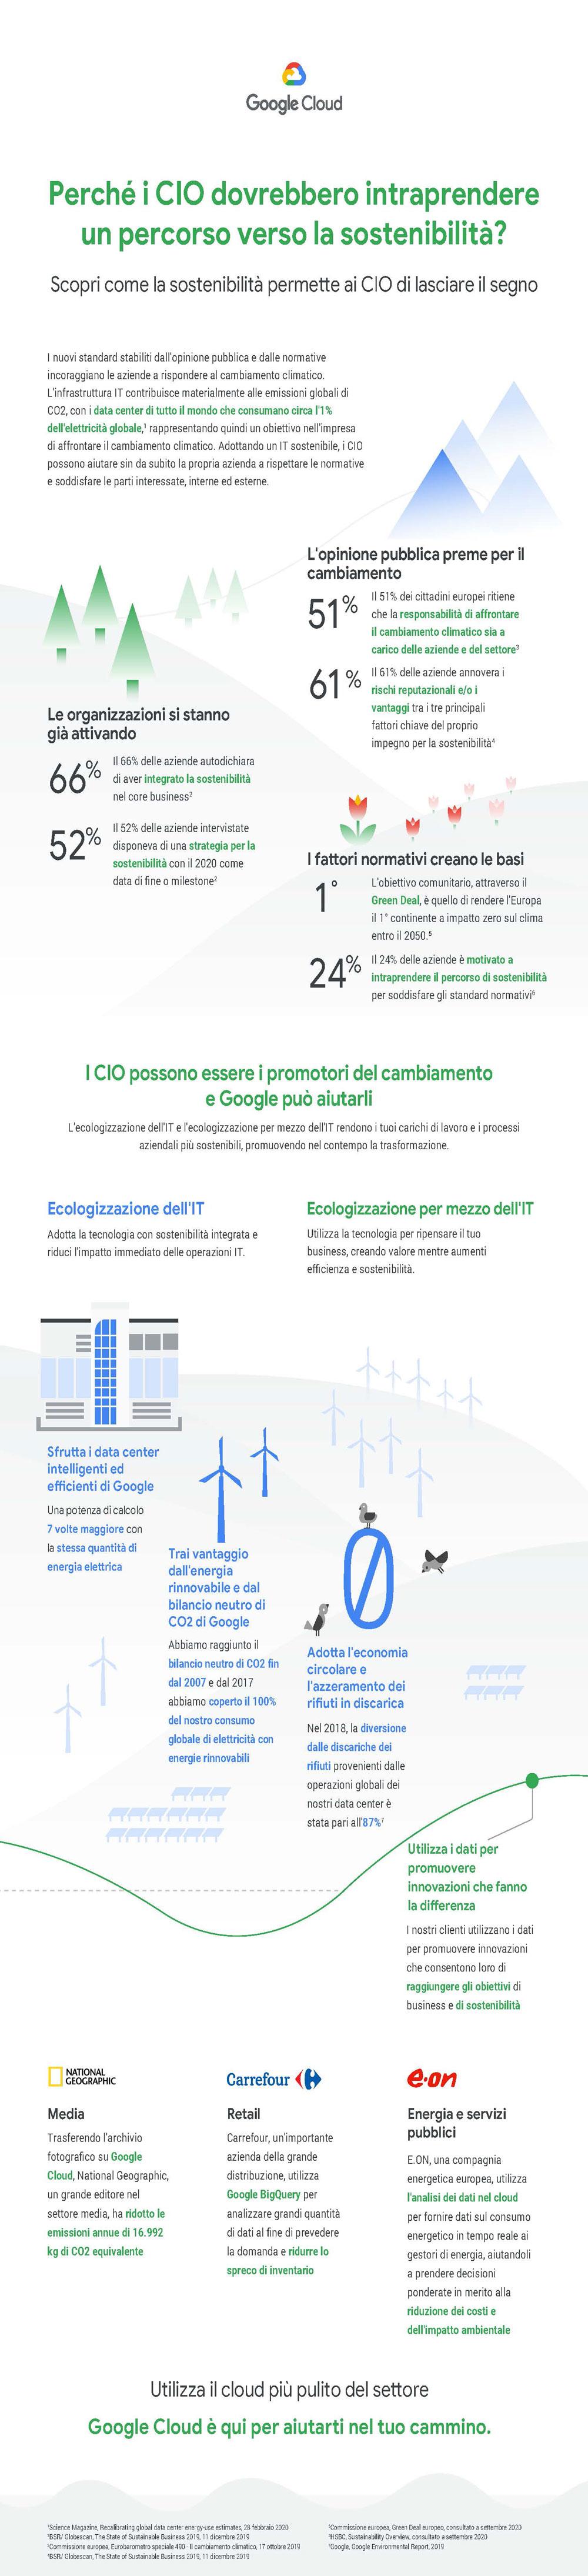 Google Cloud - Perché i CIO dovrebbero intraprendere un percorso verso la sostenibilità?